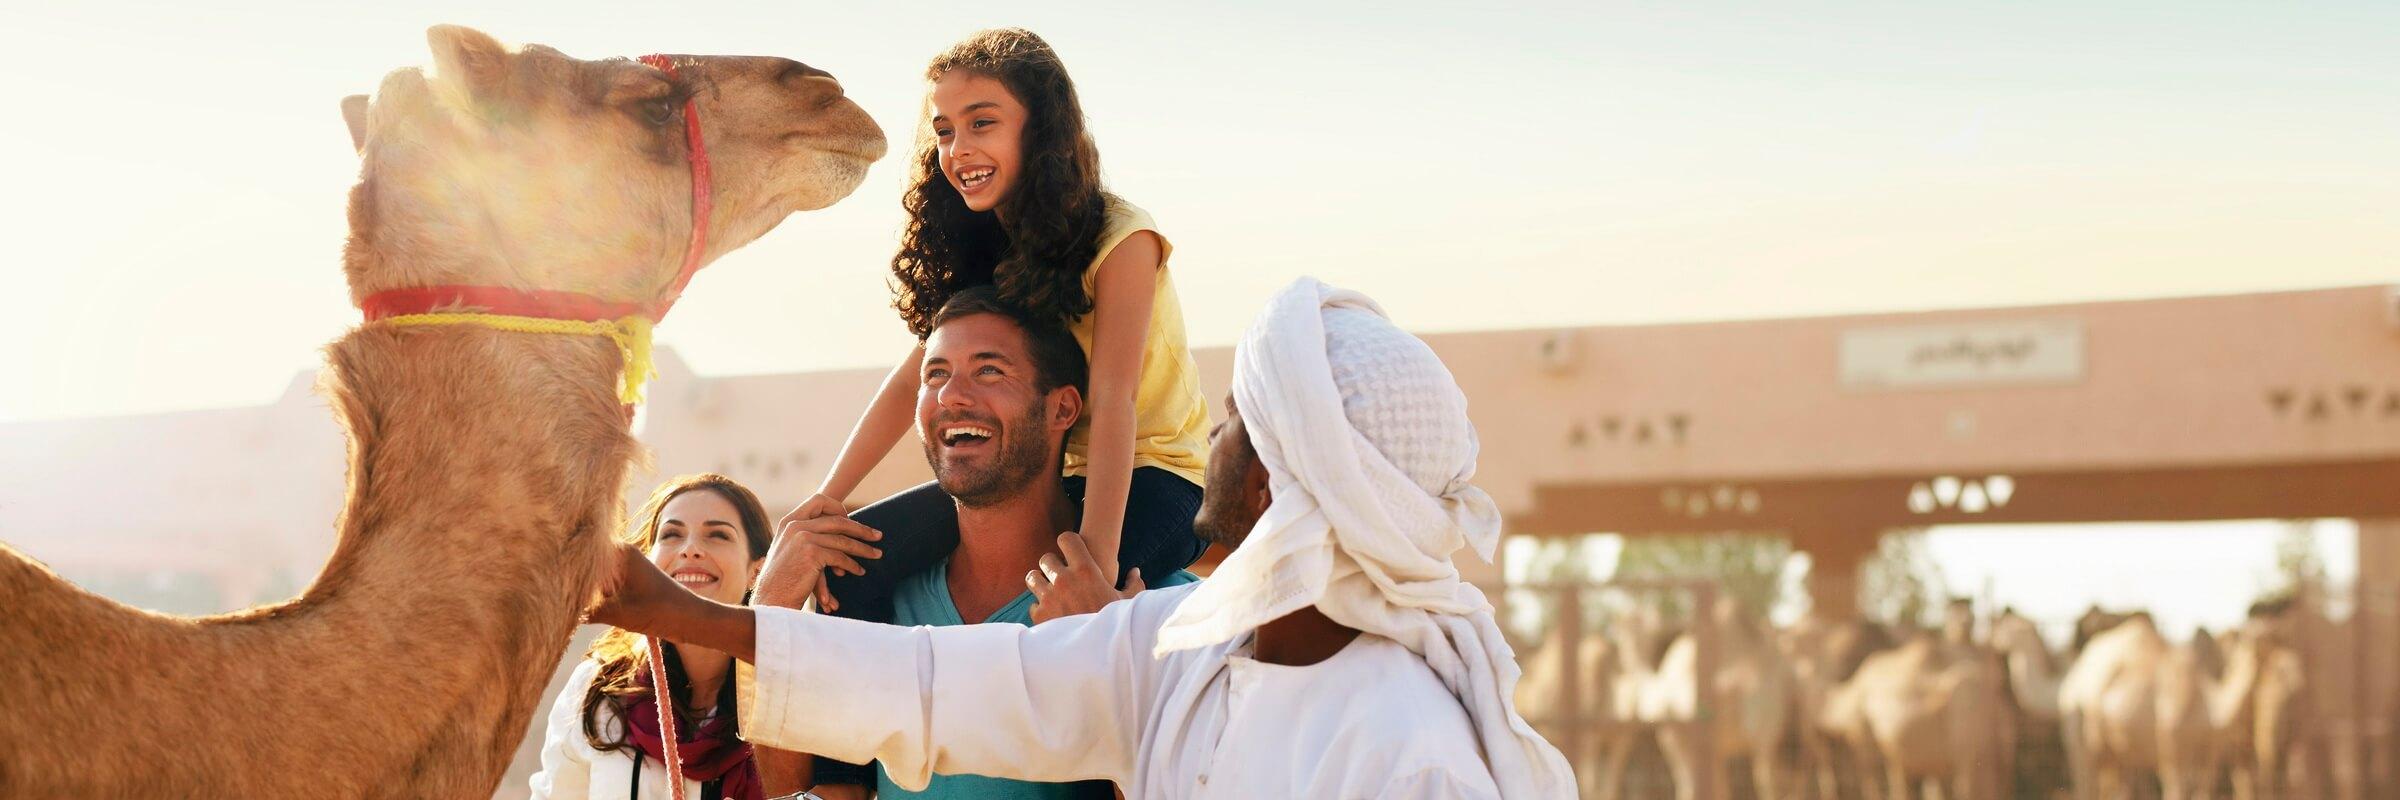 Bei einem Ausflug in die Wüstenoase Al Ain darf ein Besuch auf dem berühmten Kamelmarkt nicht fehlen.